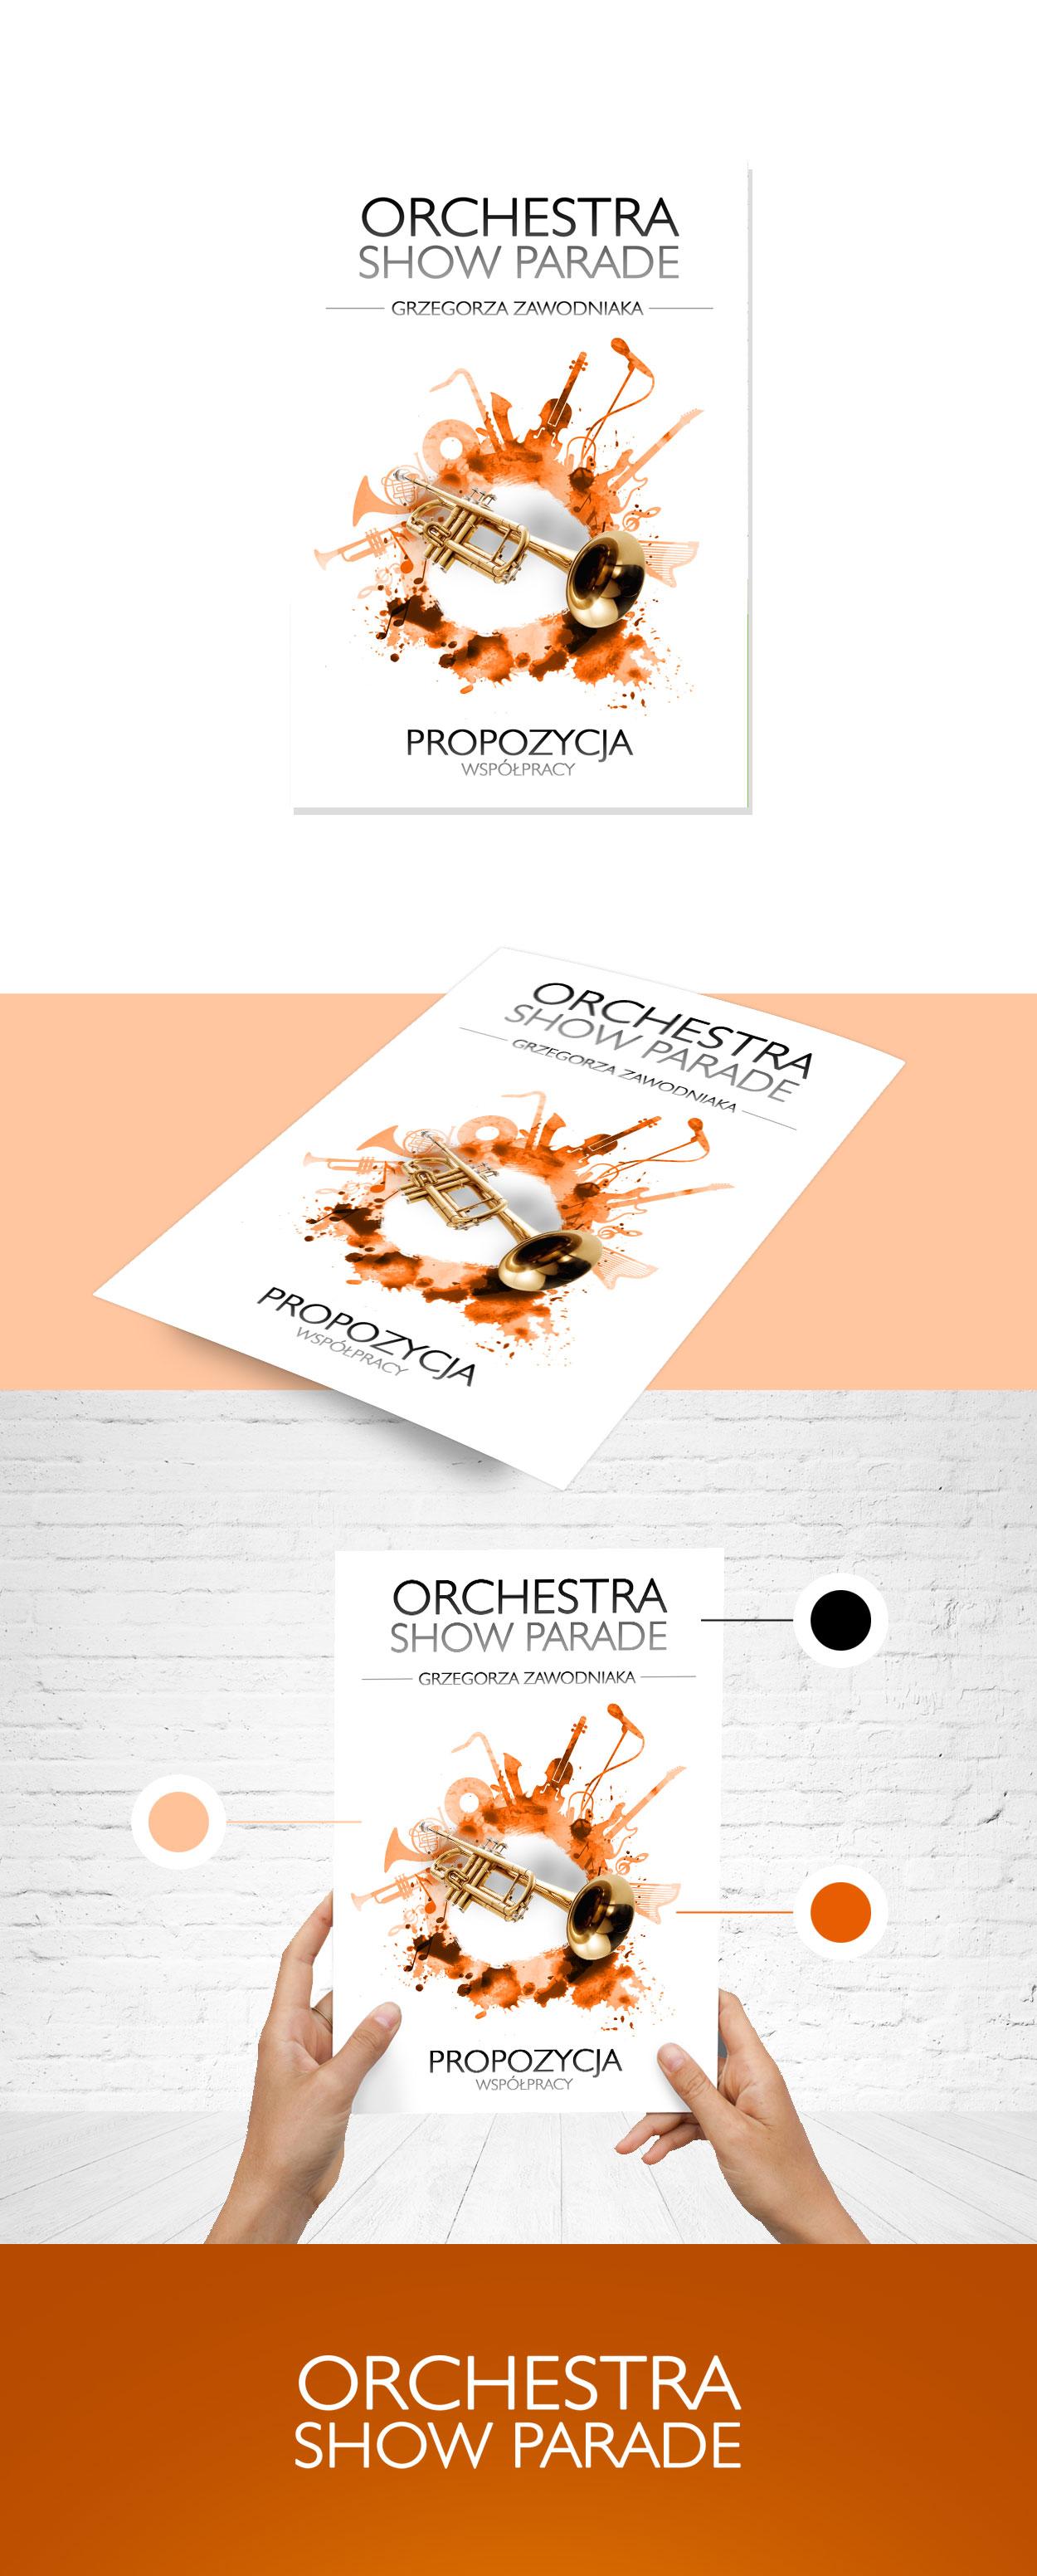 broszura-reklamowa-dlaorkiestry-show-parade